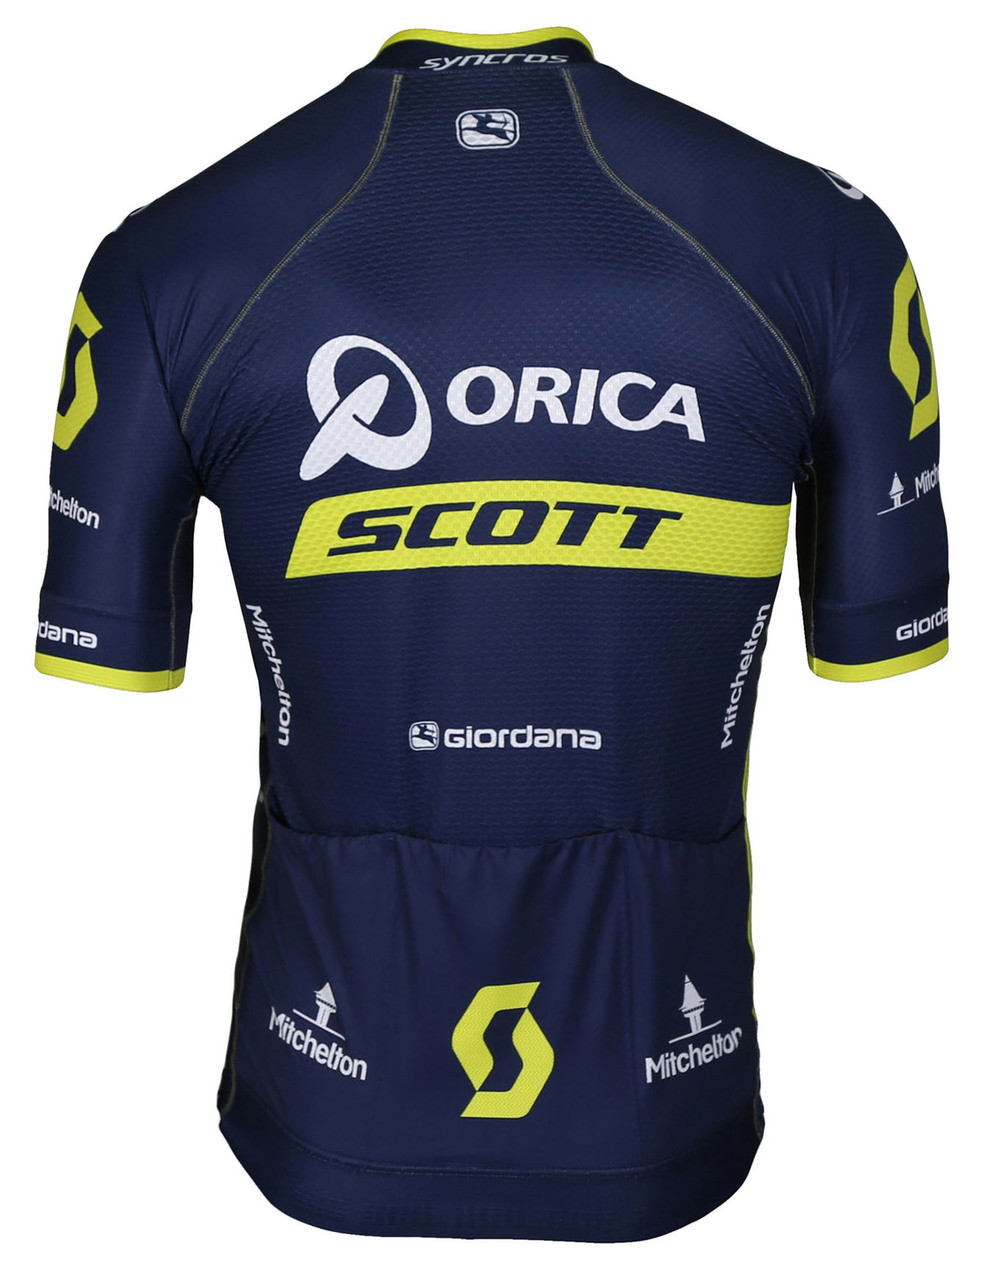 2017 Orica Scott FRC Pro FZ Jersey Rear